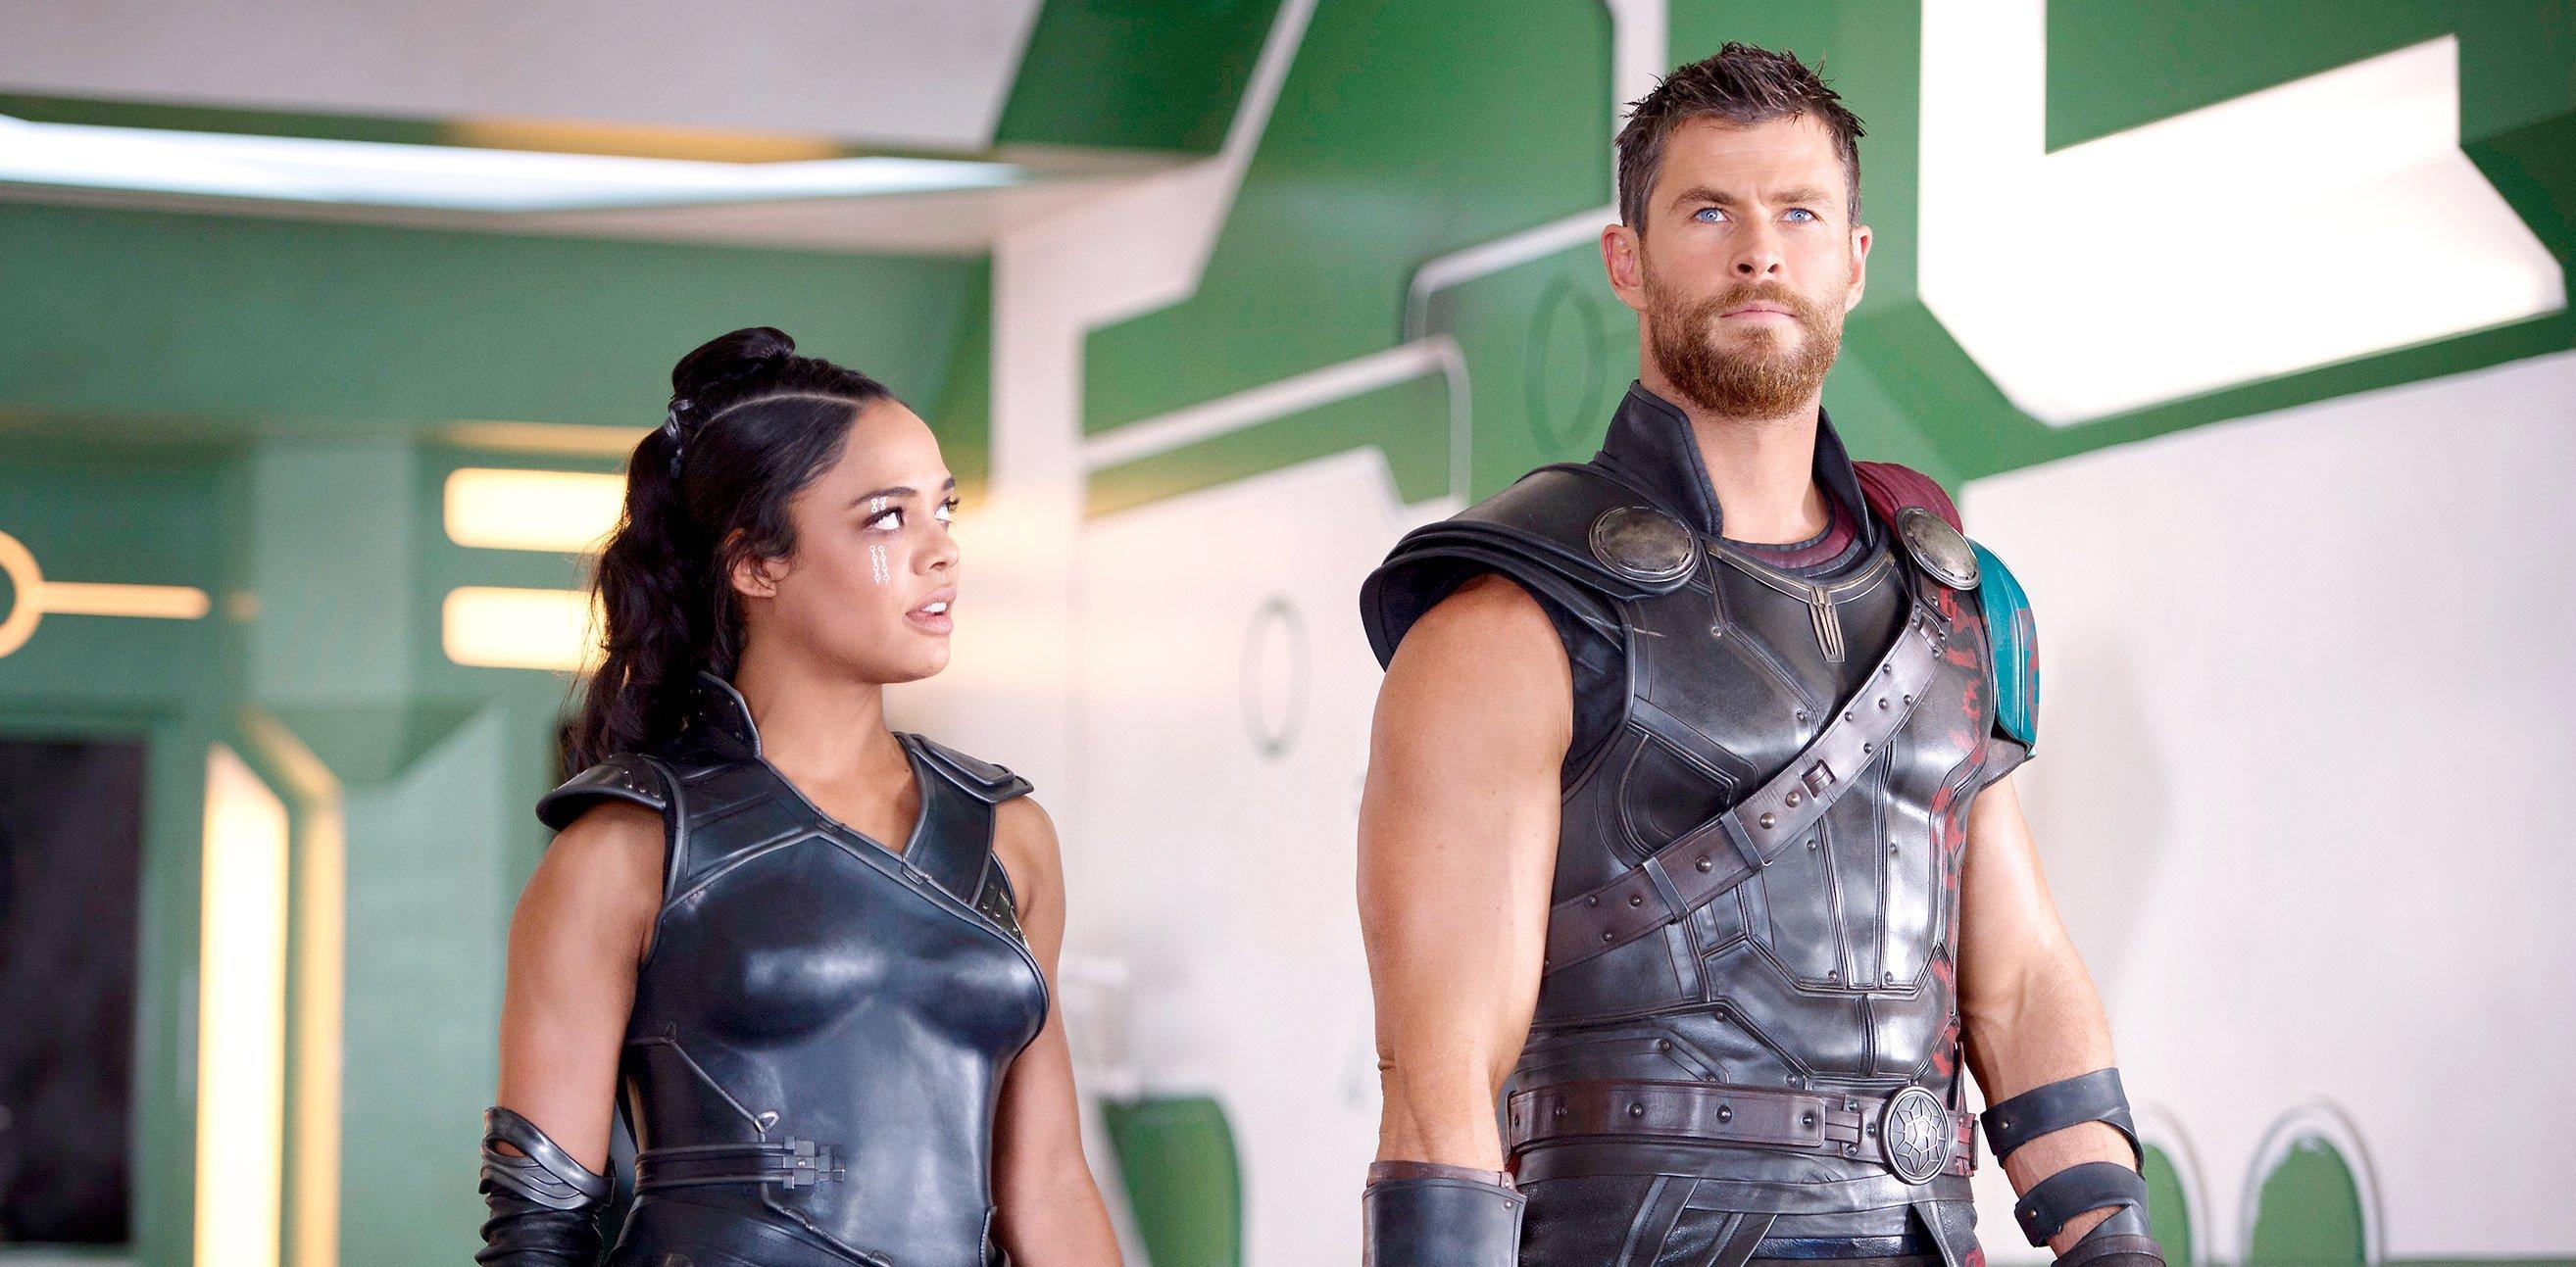 It's Avenger Vs. Avenger in first 'Thor: Ragnarok' teaser